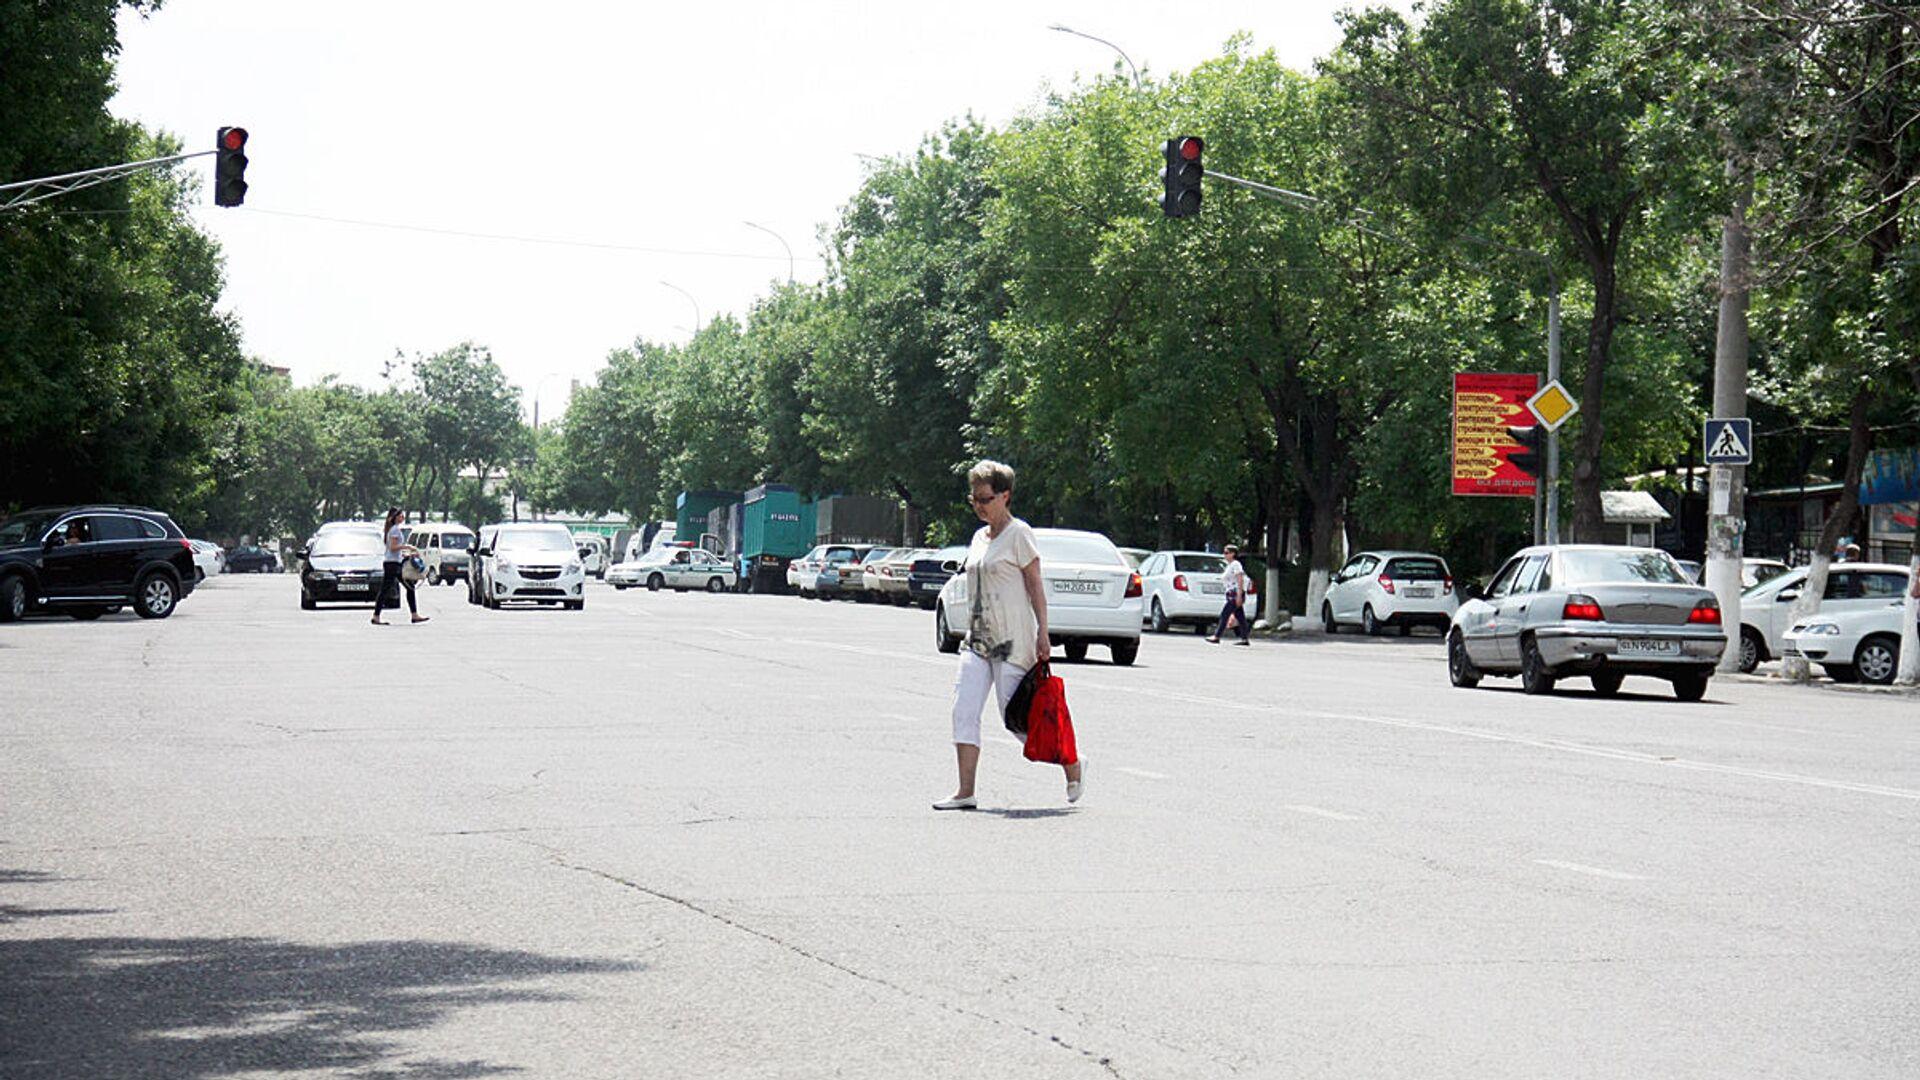 Рейд с сотрудниками УБДД Ташкента  - Sputnik Узбекистан, 1920, 18.08.2021